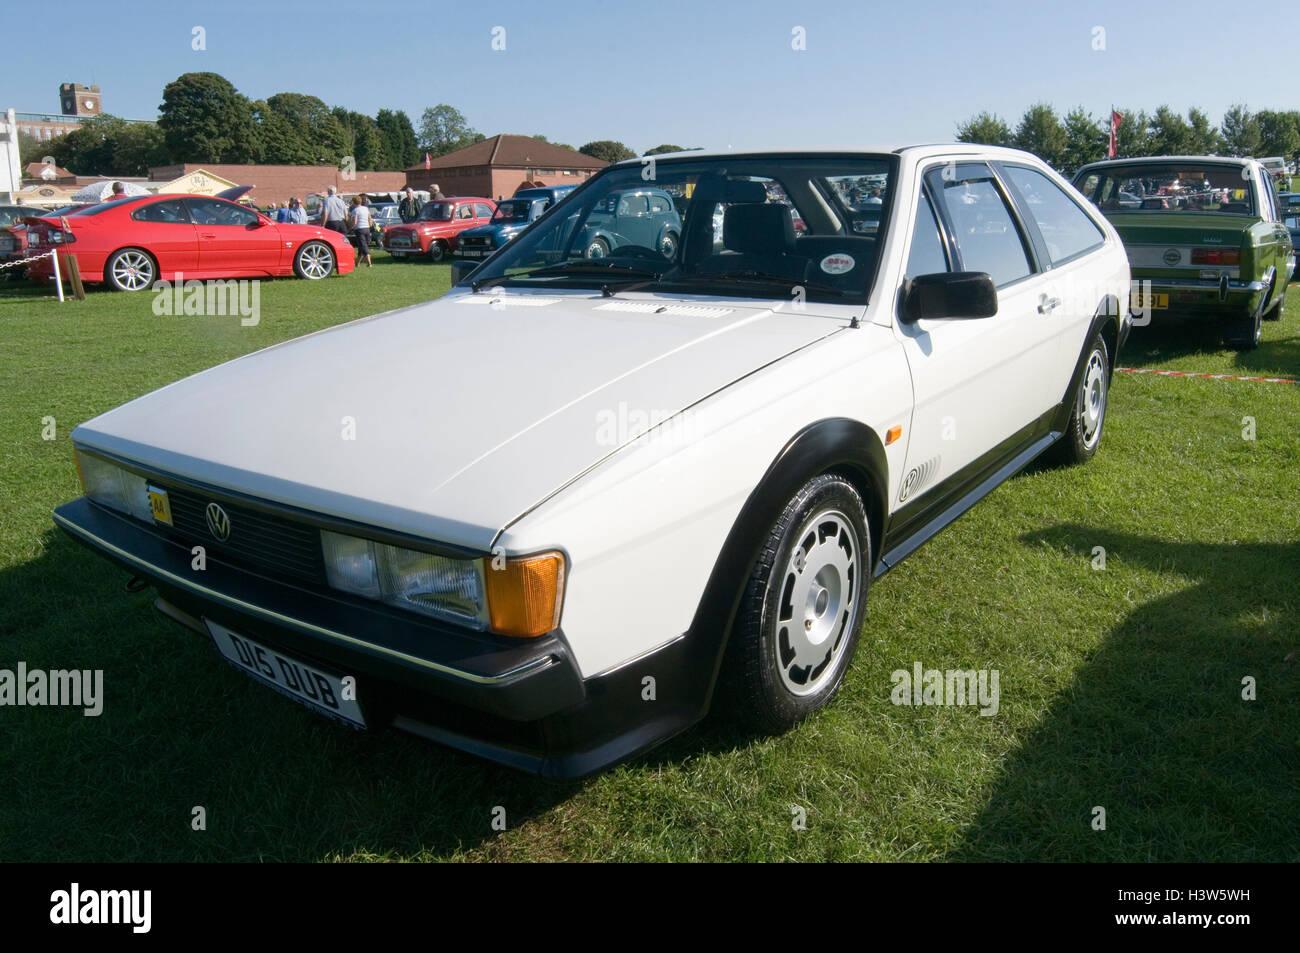 vw sirocco volkswagen 2 door coupe 80s 1980s - Stock Image